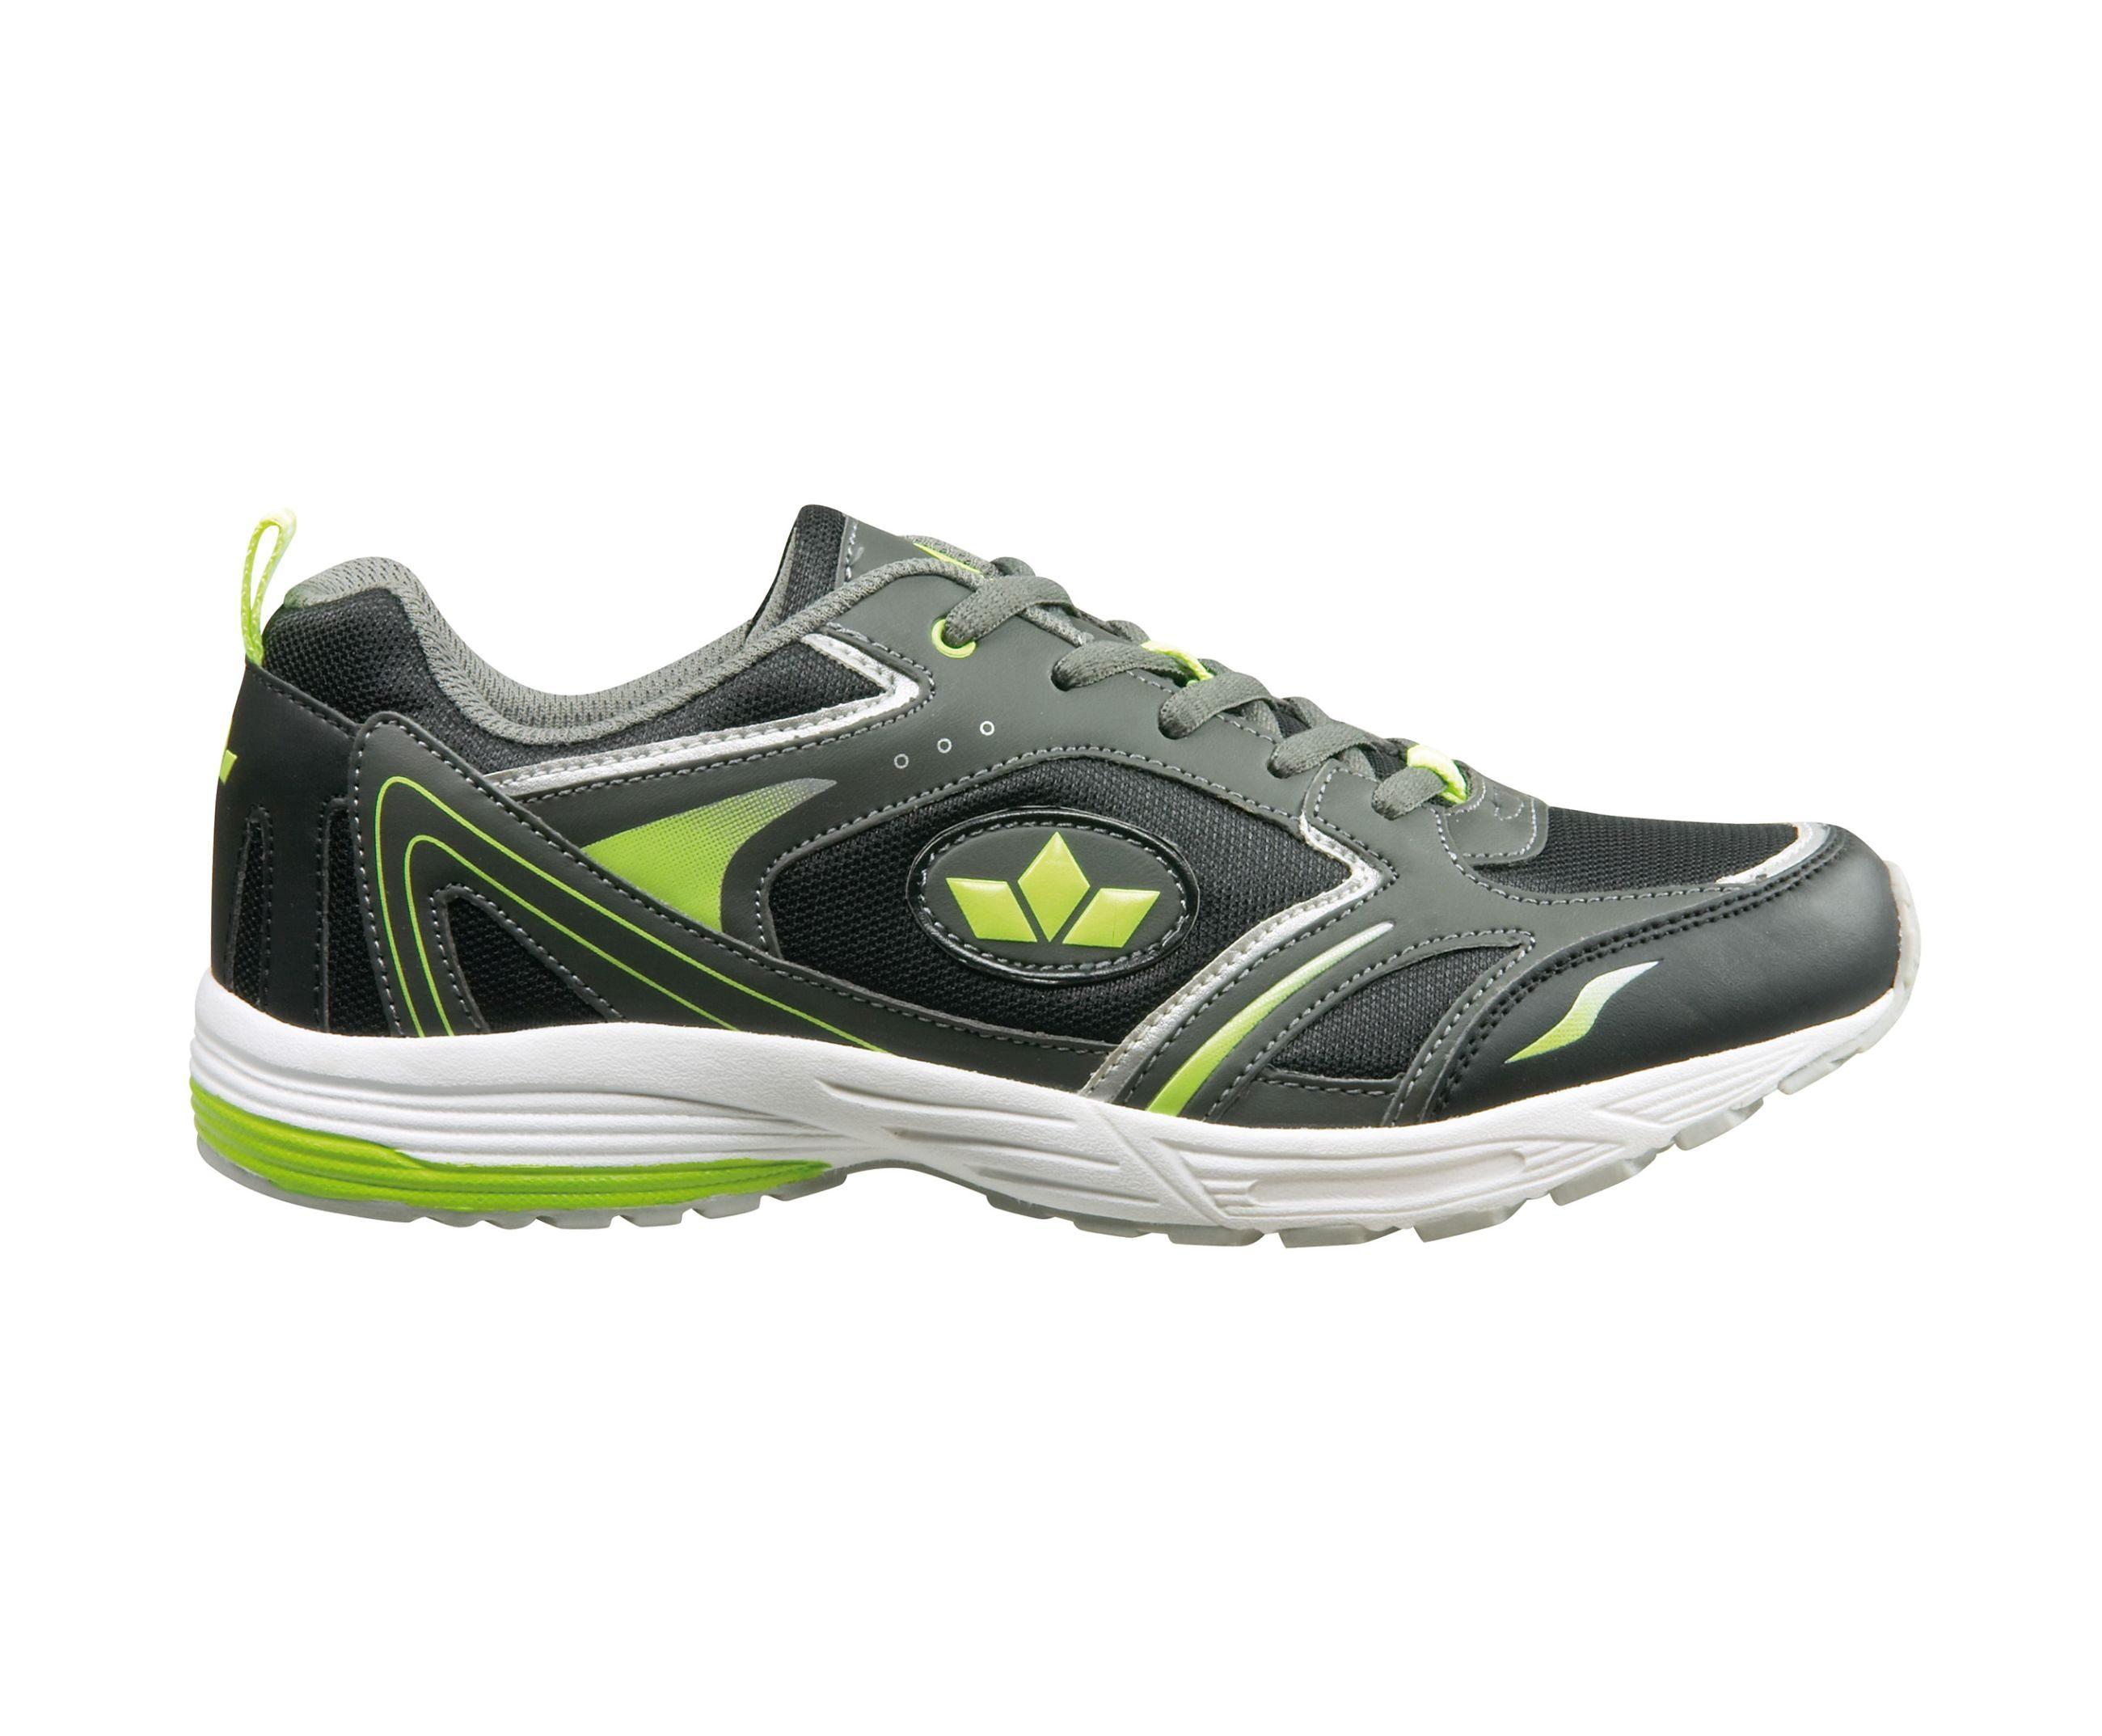 LICO Joggingschuh und Laufschuh in Gr 48 bis 50 zum Schnüren MARVIN online kaufen  ANTHRAZIT#ft5_slash#SCHWARZ#ft5_slash#LEMON